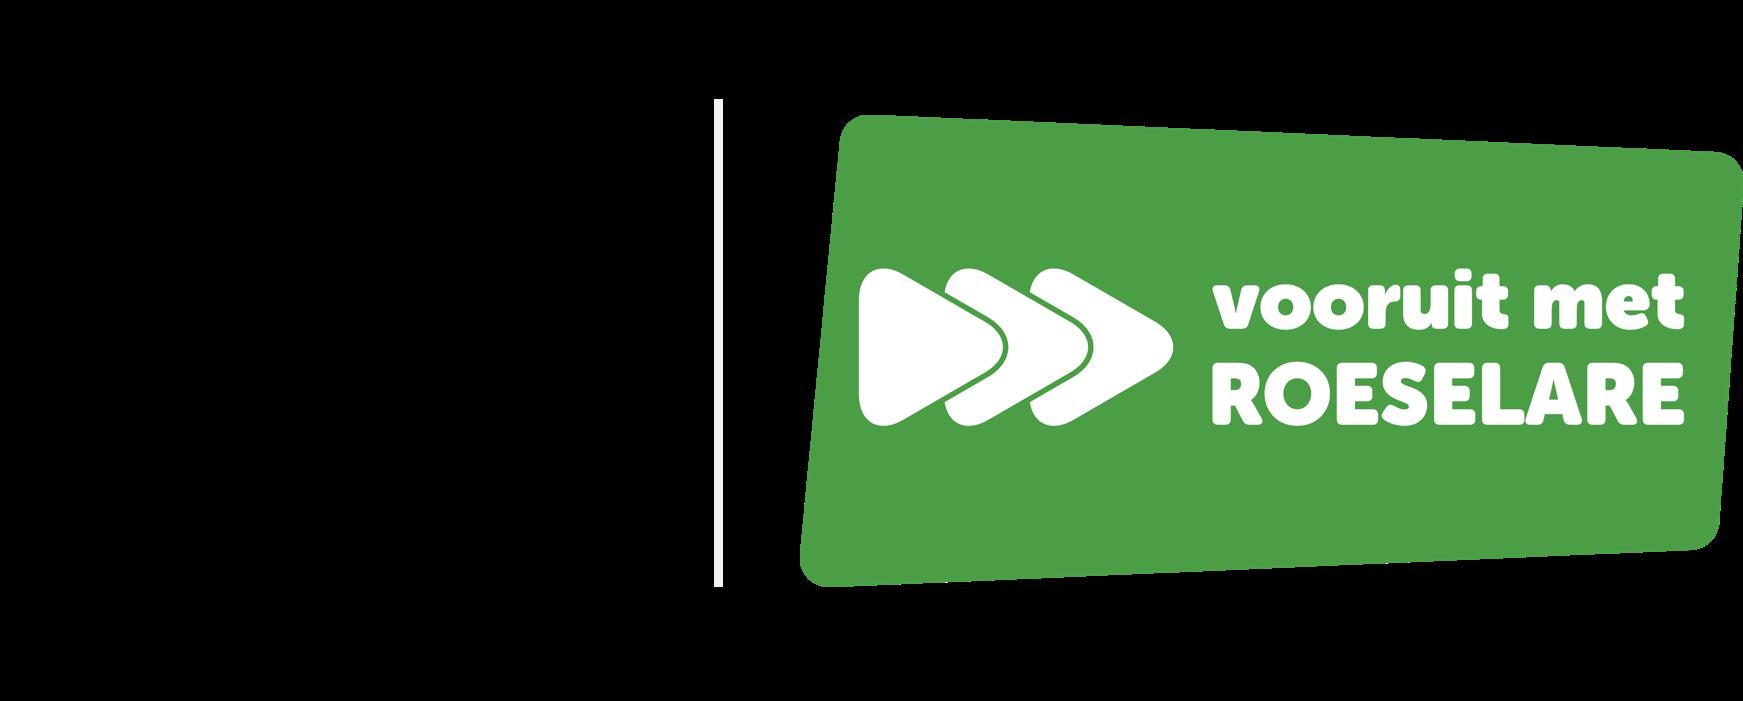 Logo Vooruit met Roeselare